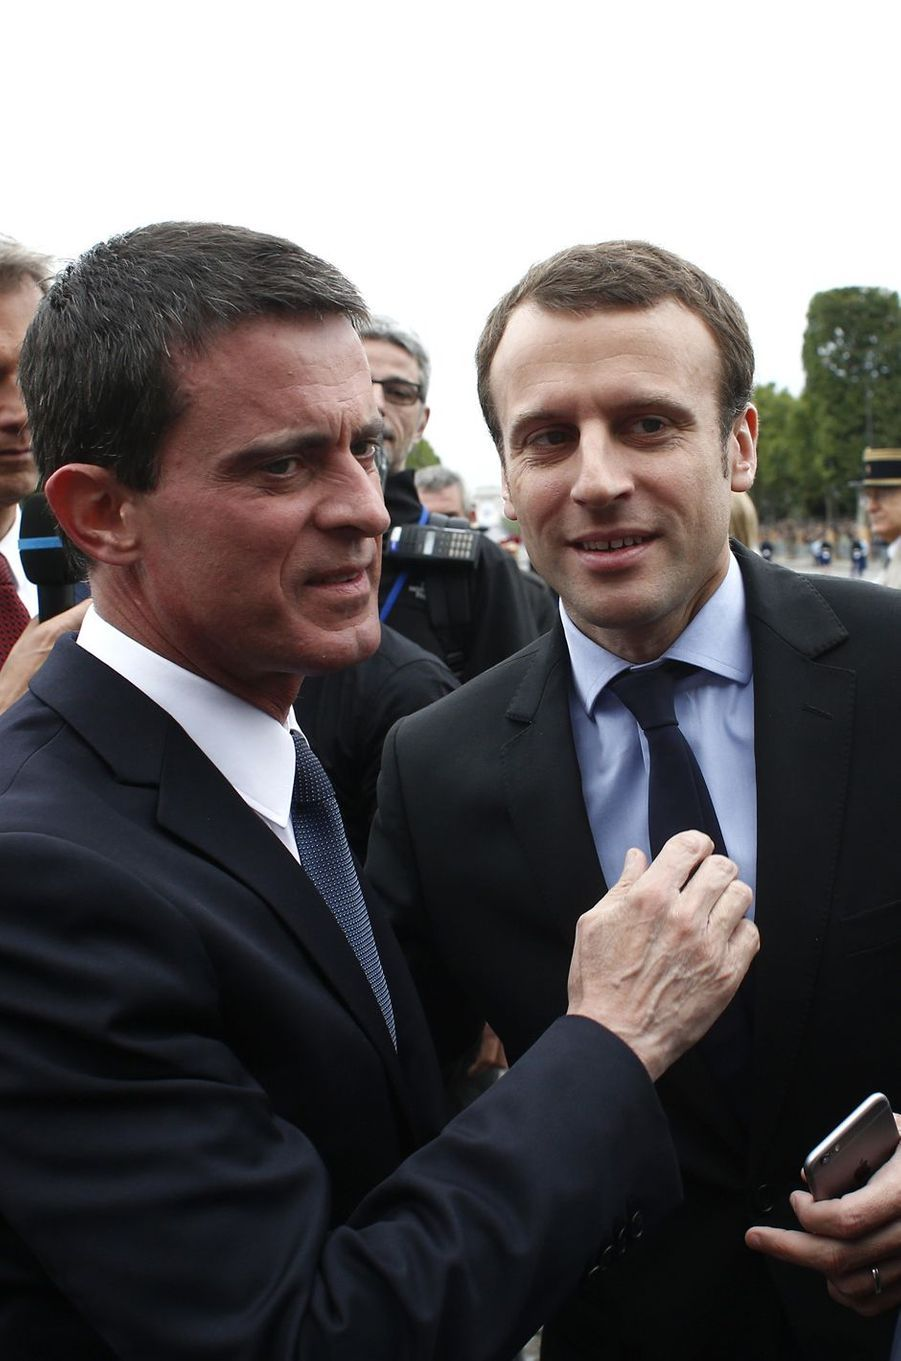 Manuel Valls et Emmanuel Macron, la bise du 14 juillet.